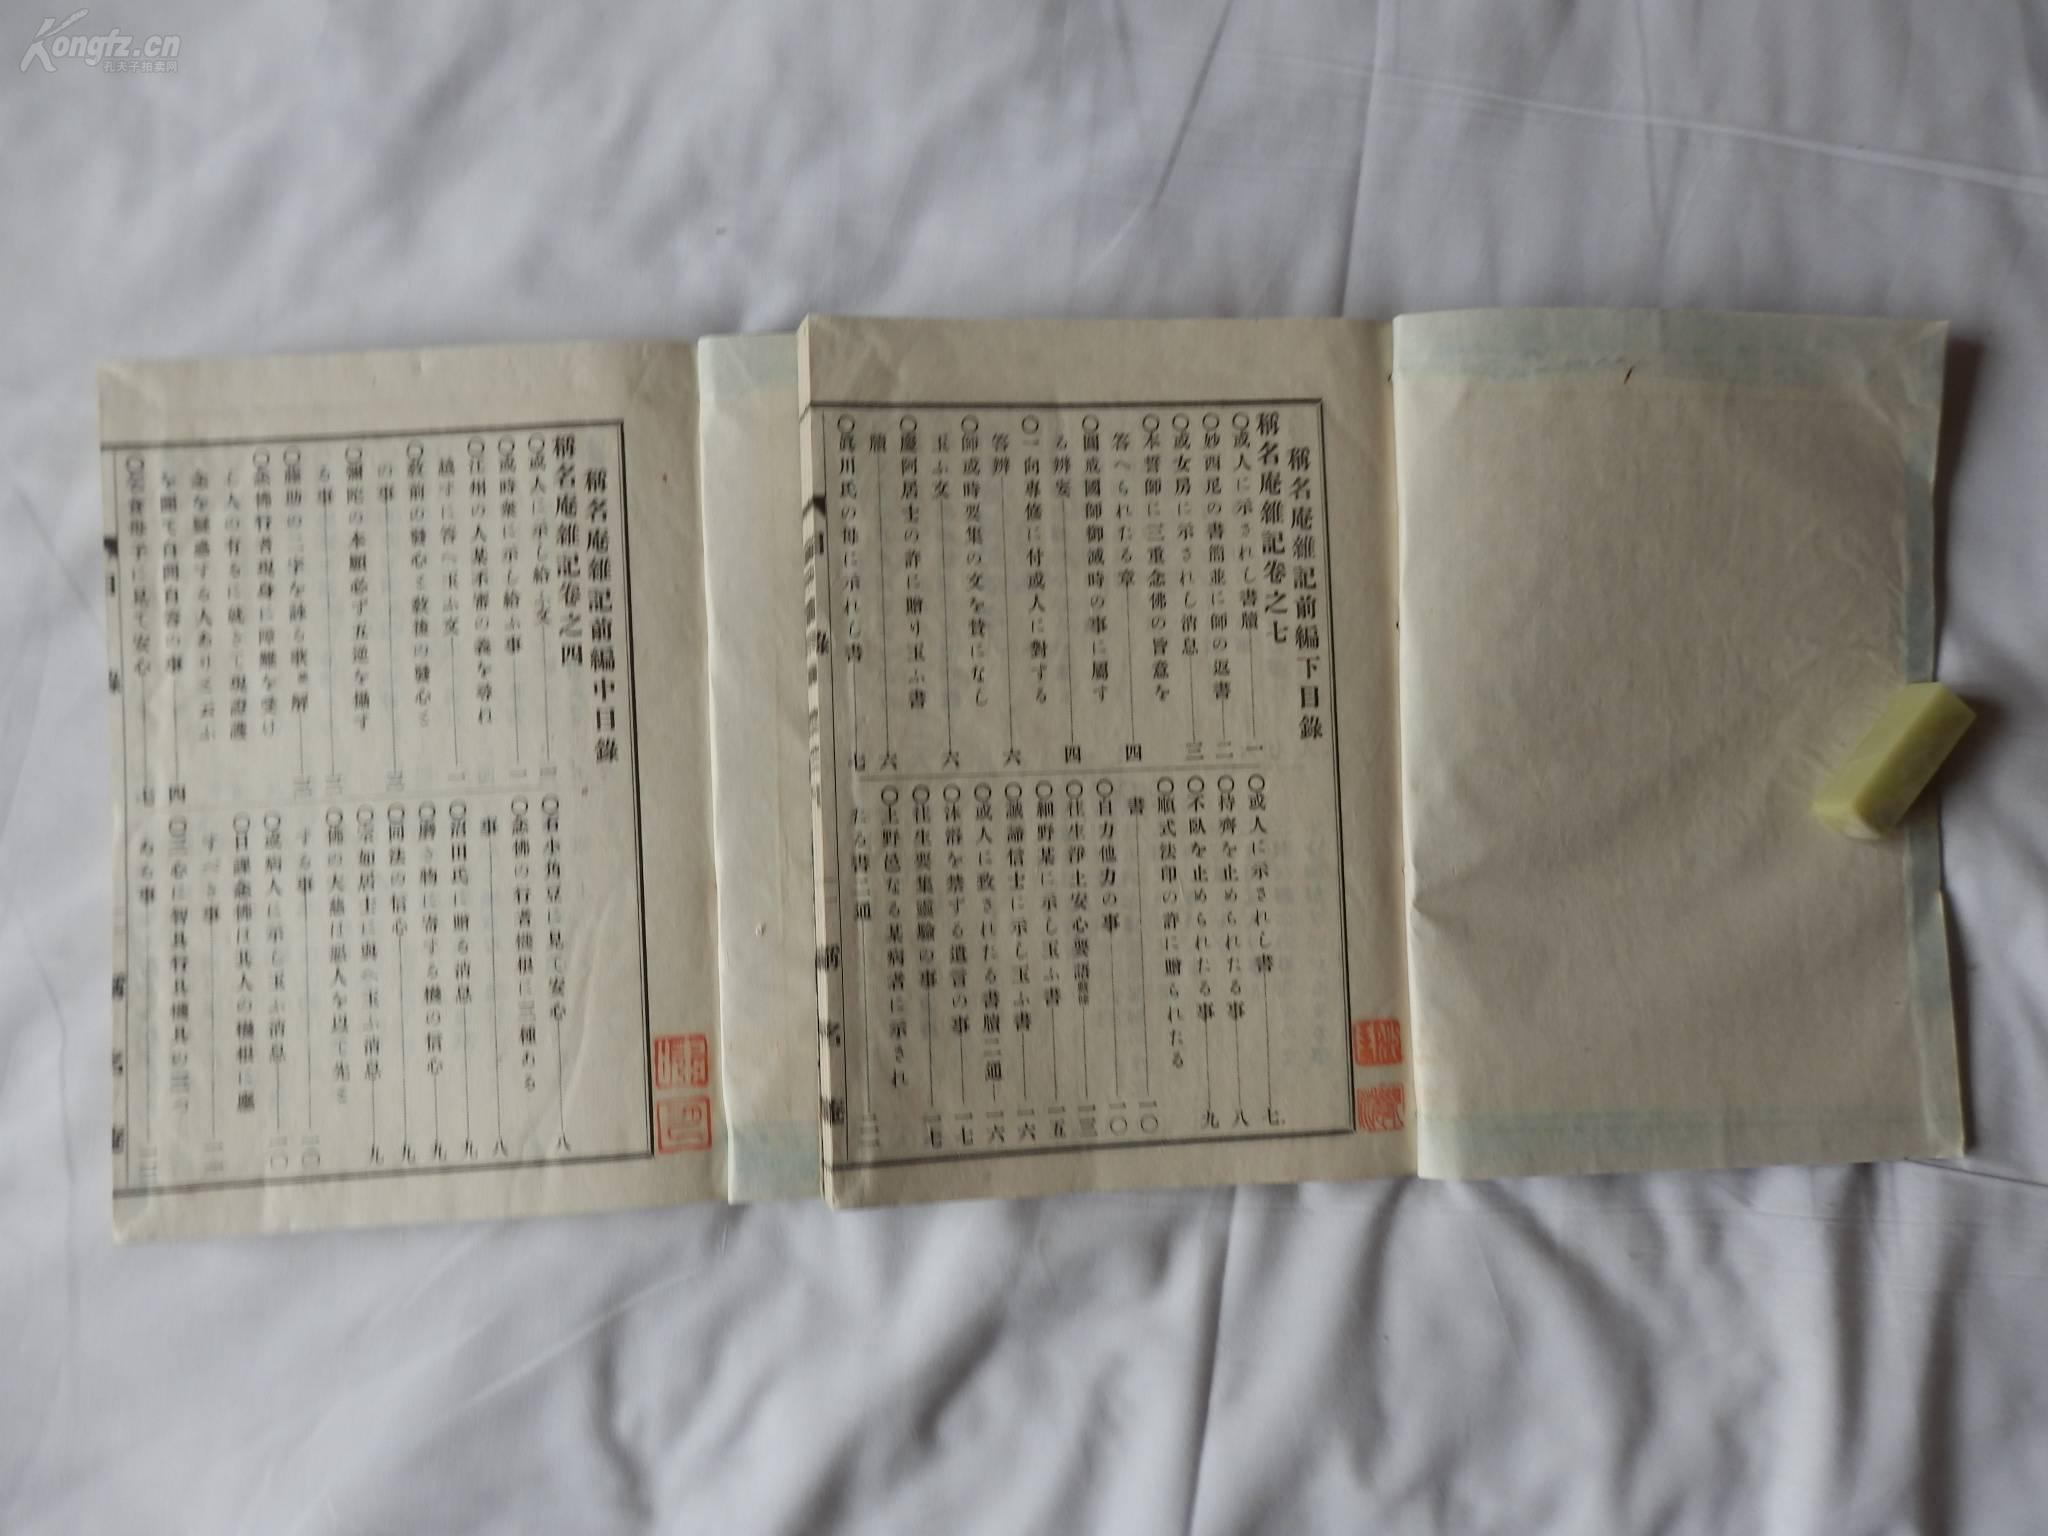 【图】少见活版所v活版明治书籍:清末佛教45年两元玩具动漫周边图片